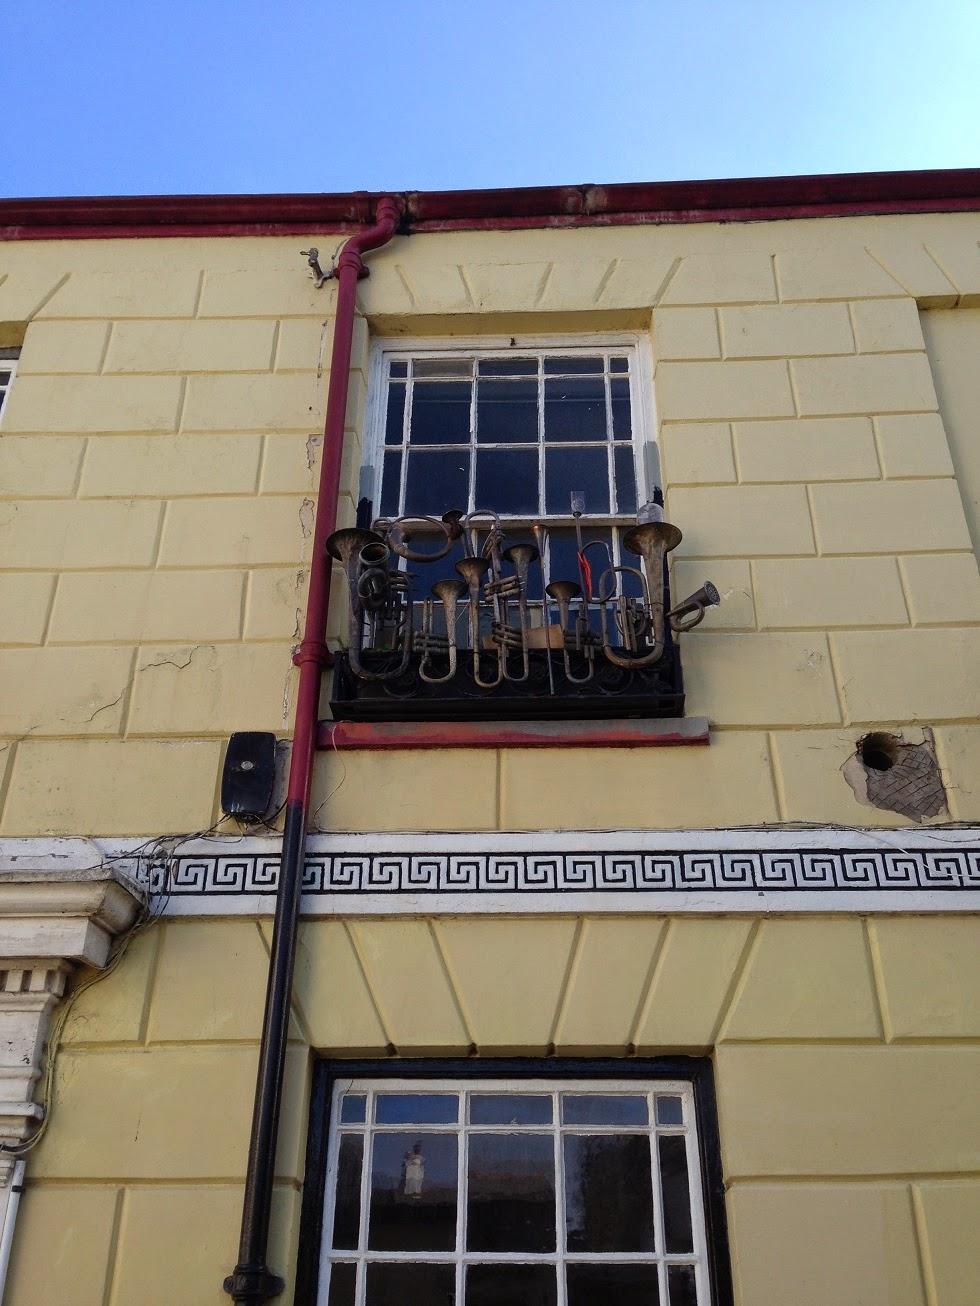 Brass instruments, Appledore, Devon